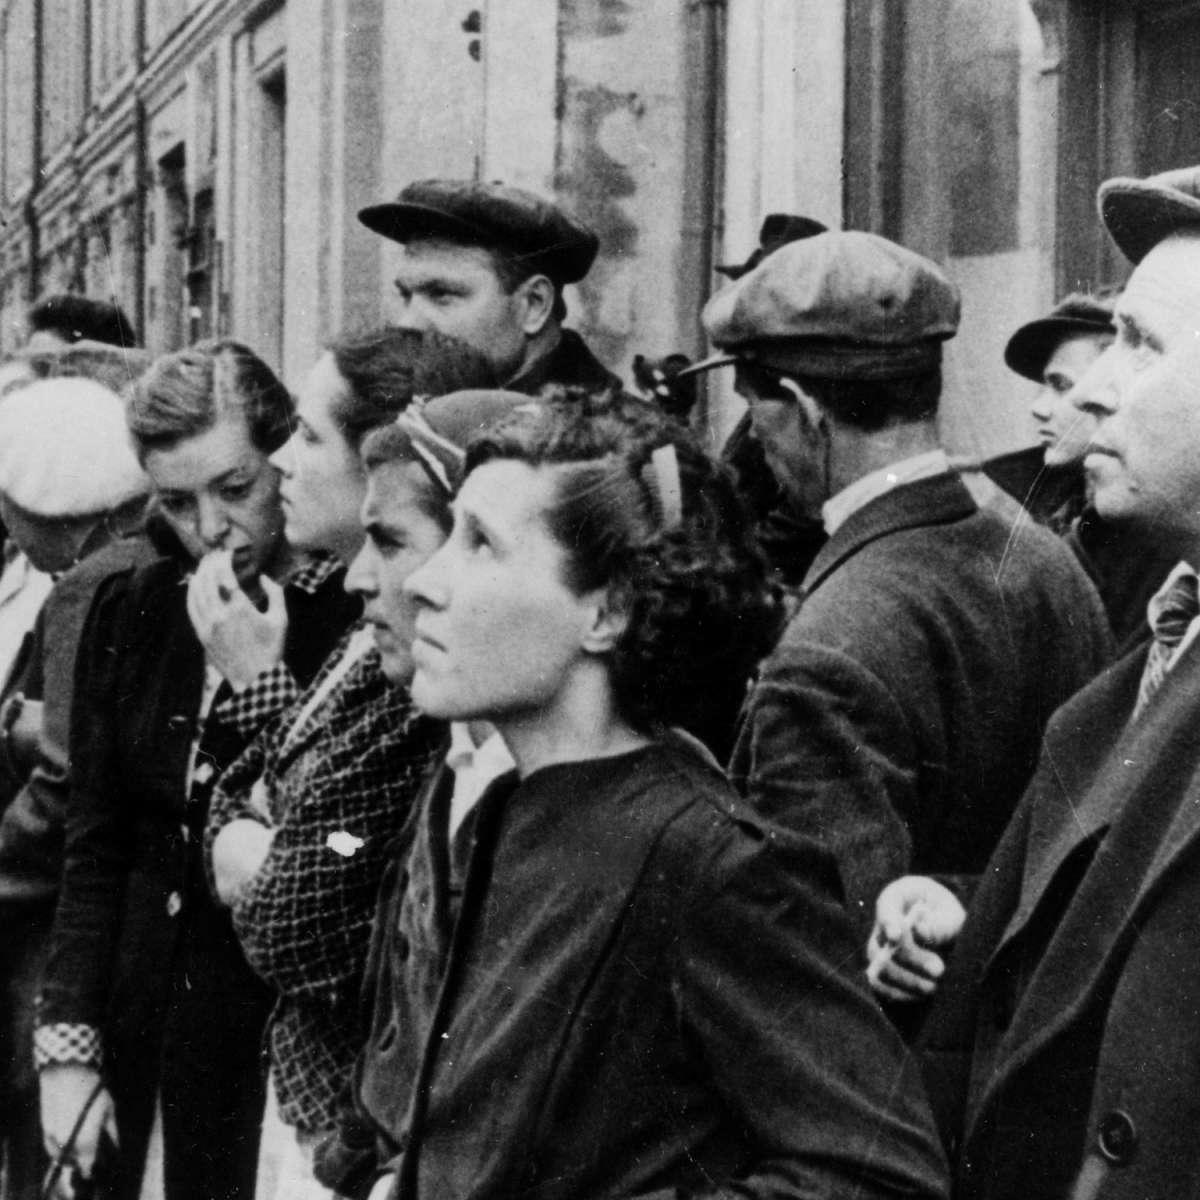 22 июня 1941 года начало Великой Отечественной Войны. Трагедия первых дней войны